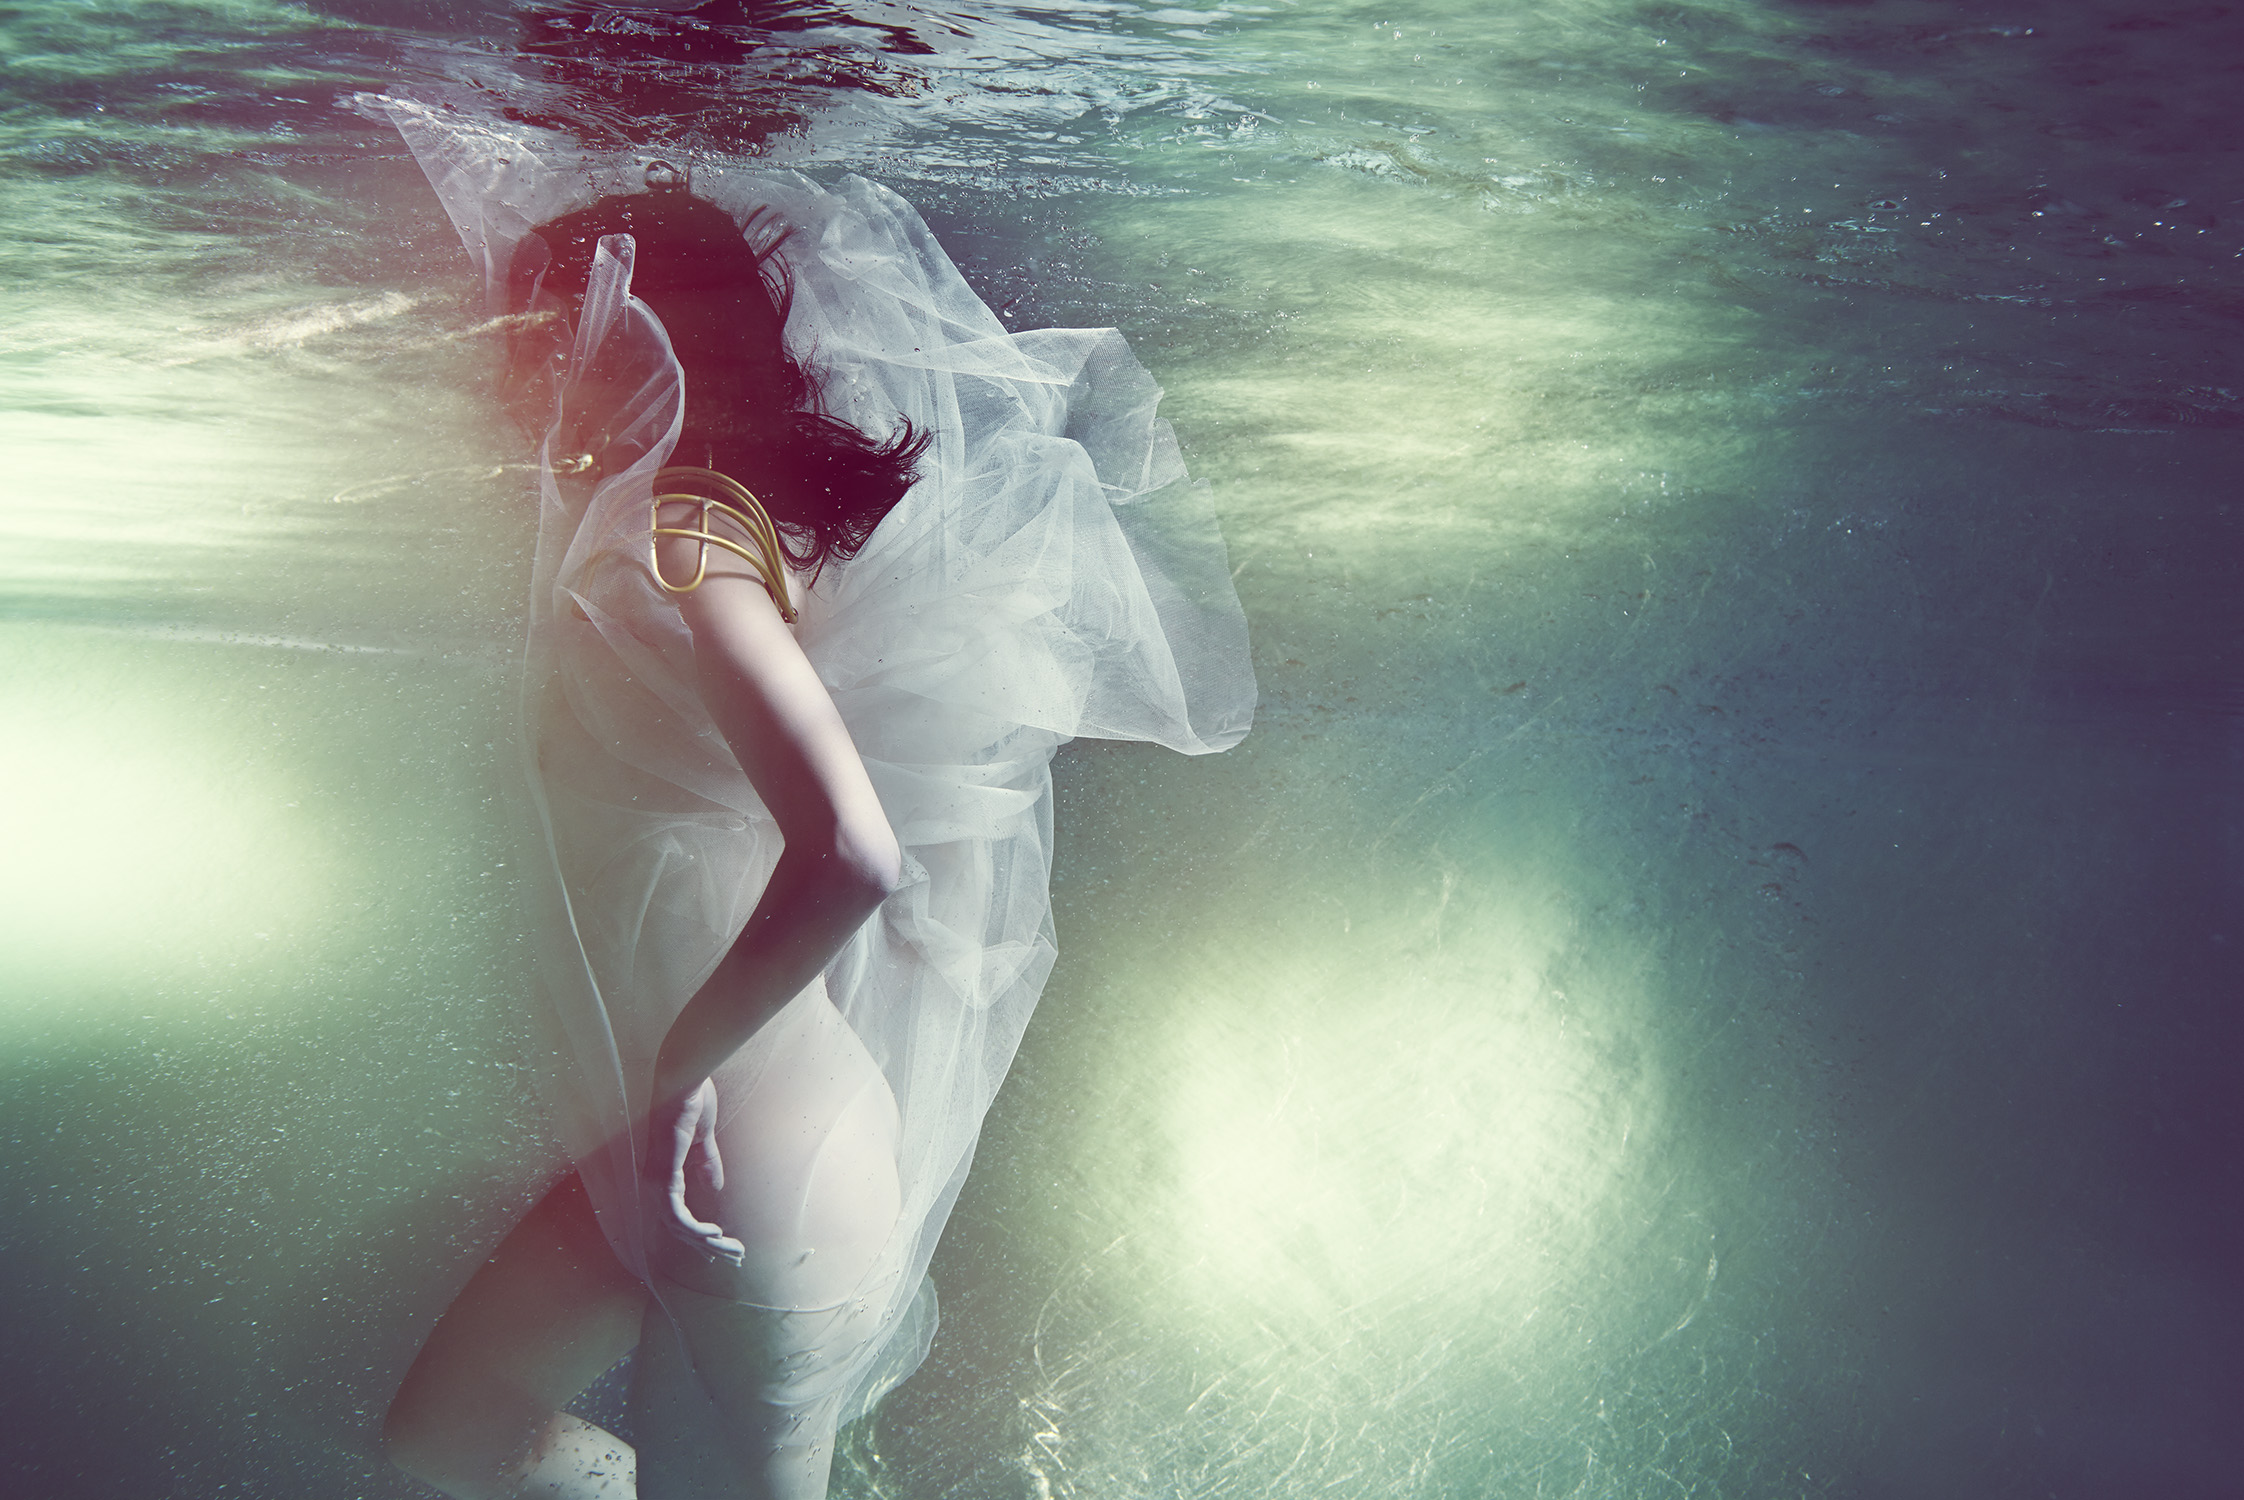 Susanne Stemmer underwater girl in white